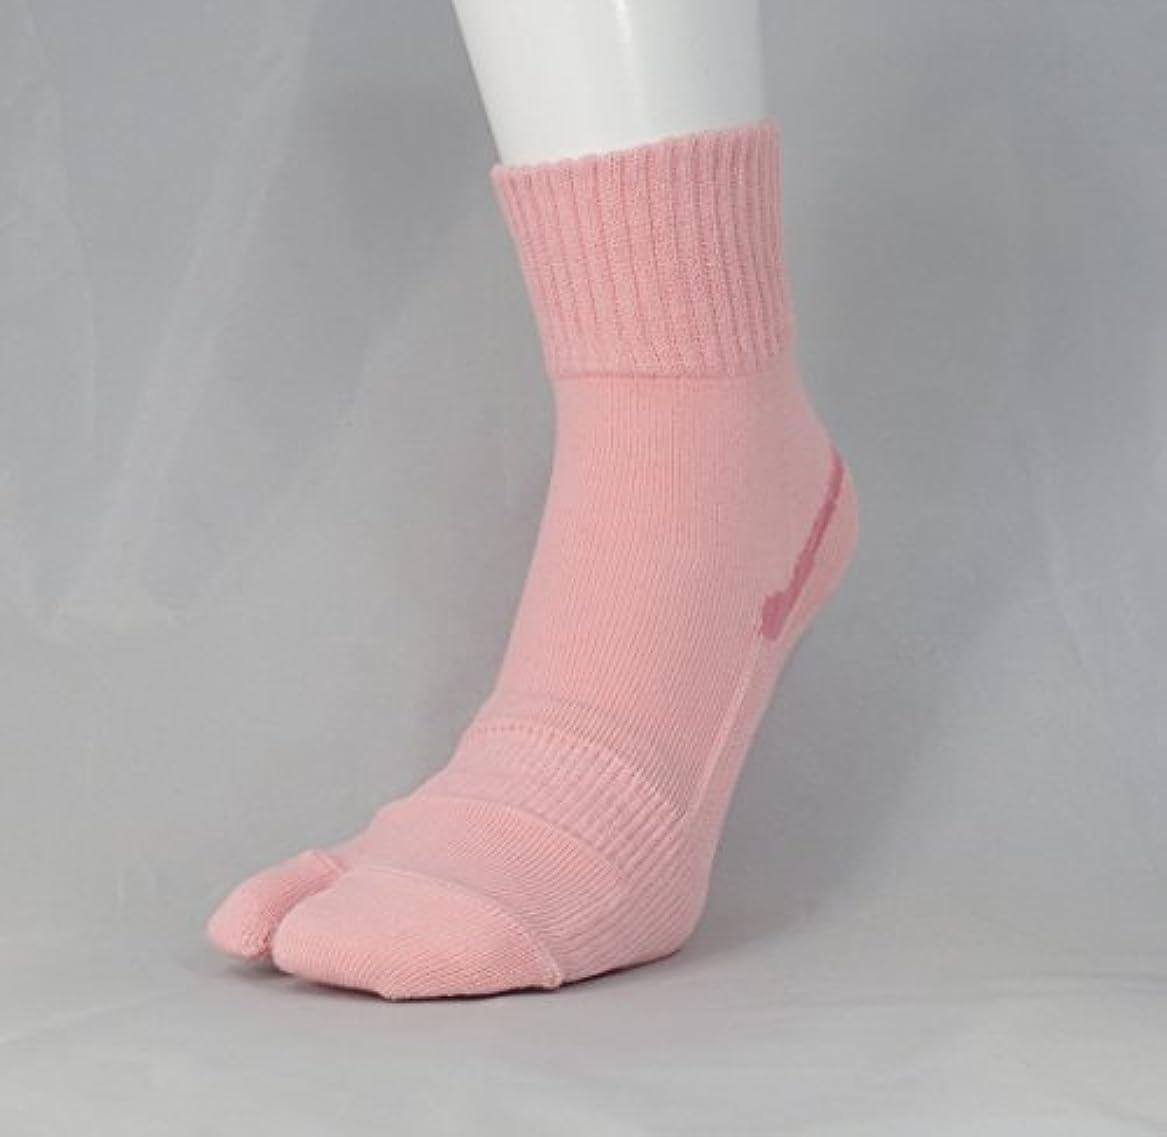 バナナ論理的単語【あしサポ】履くだけで足がラクにひらく靴下 外反母趾に (Mサイズ(23-24センチ), ピンク)